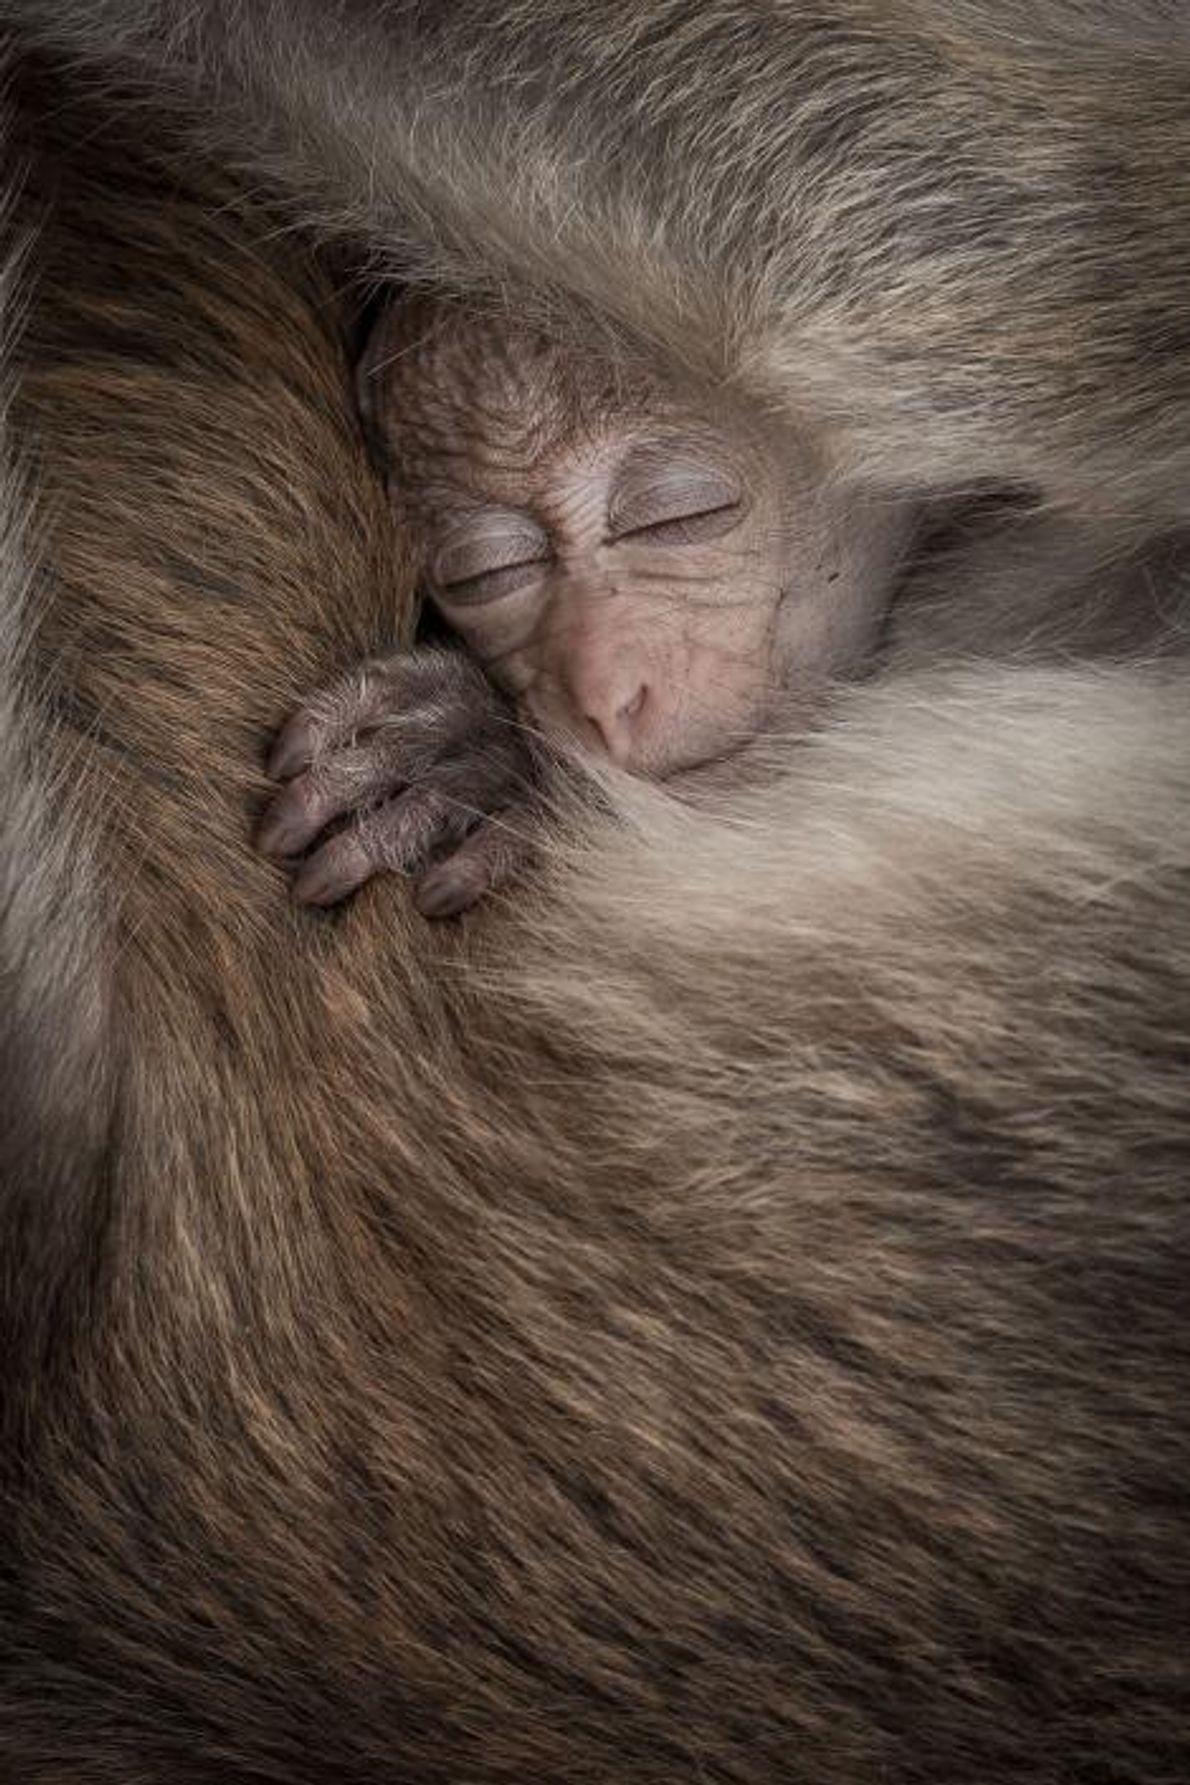 Senthi Aathavan Sethiverl, photographe de la communauté Your Shot, a capturé l'instant partagé entre un bébé ...